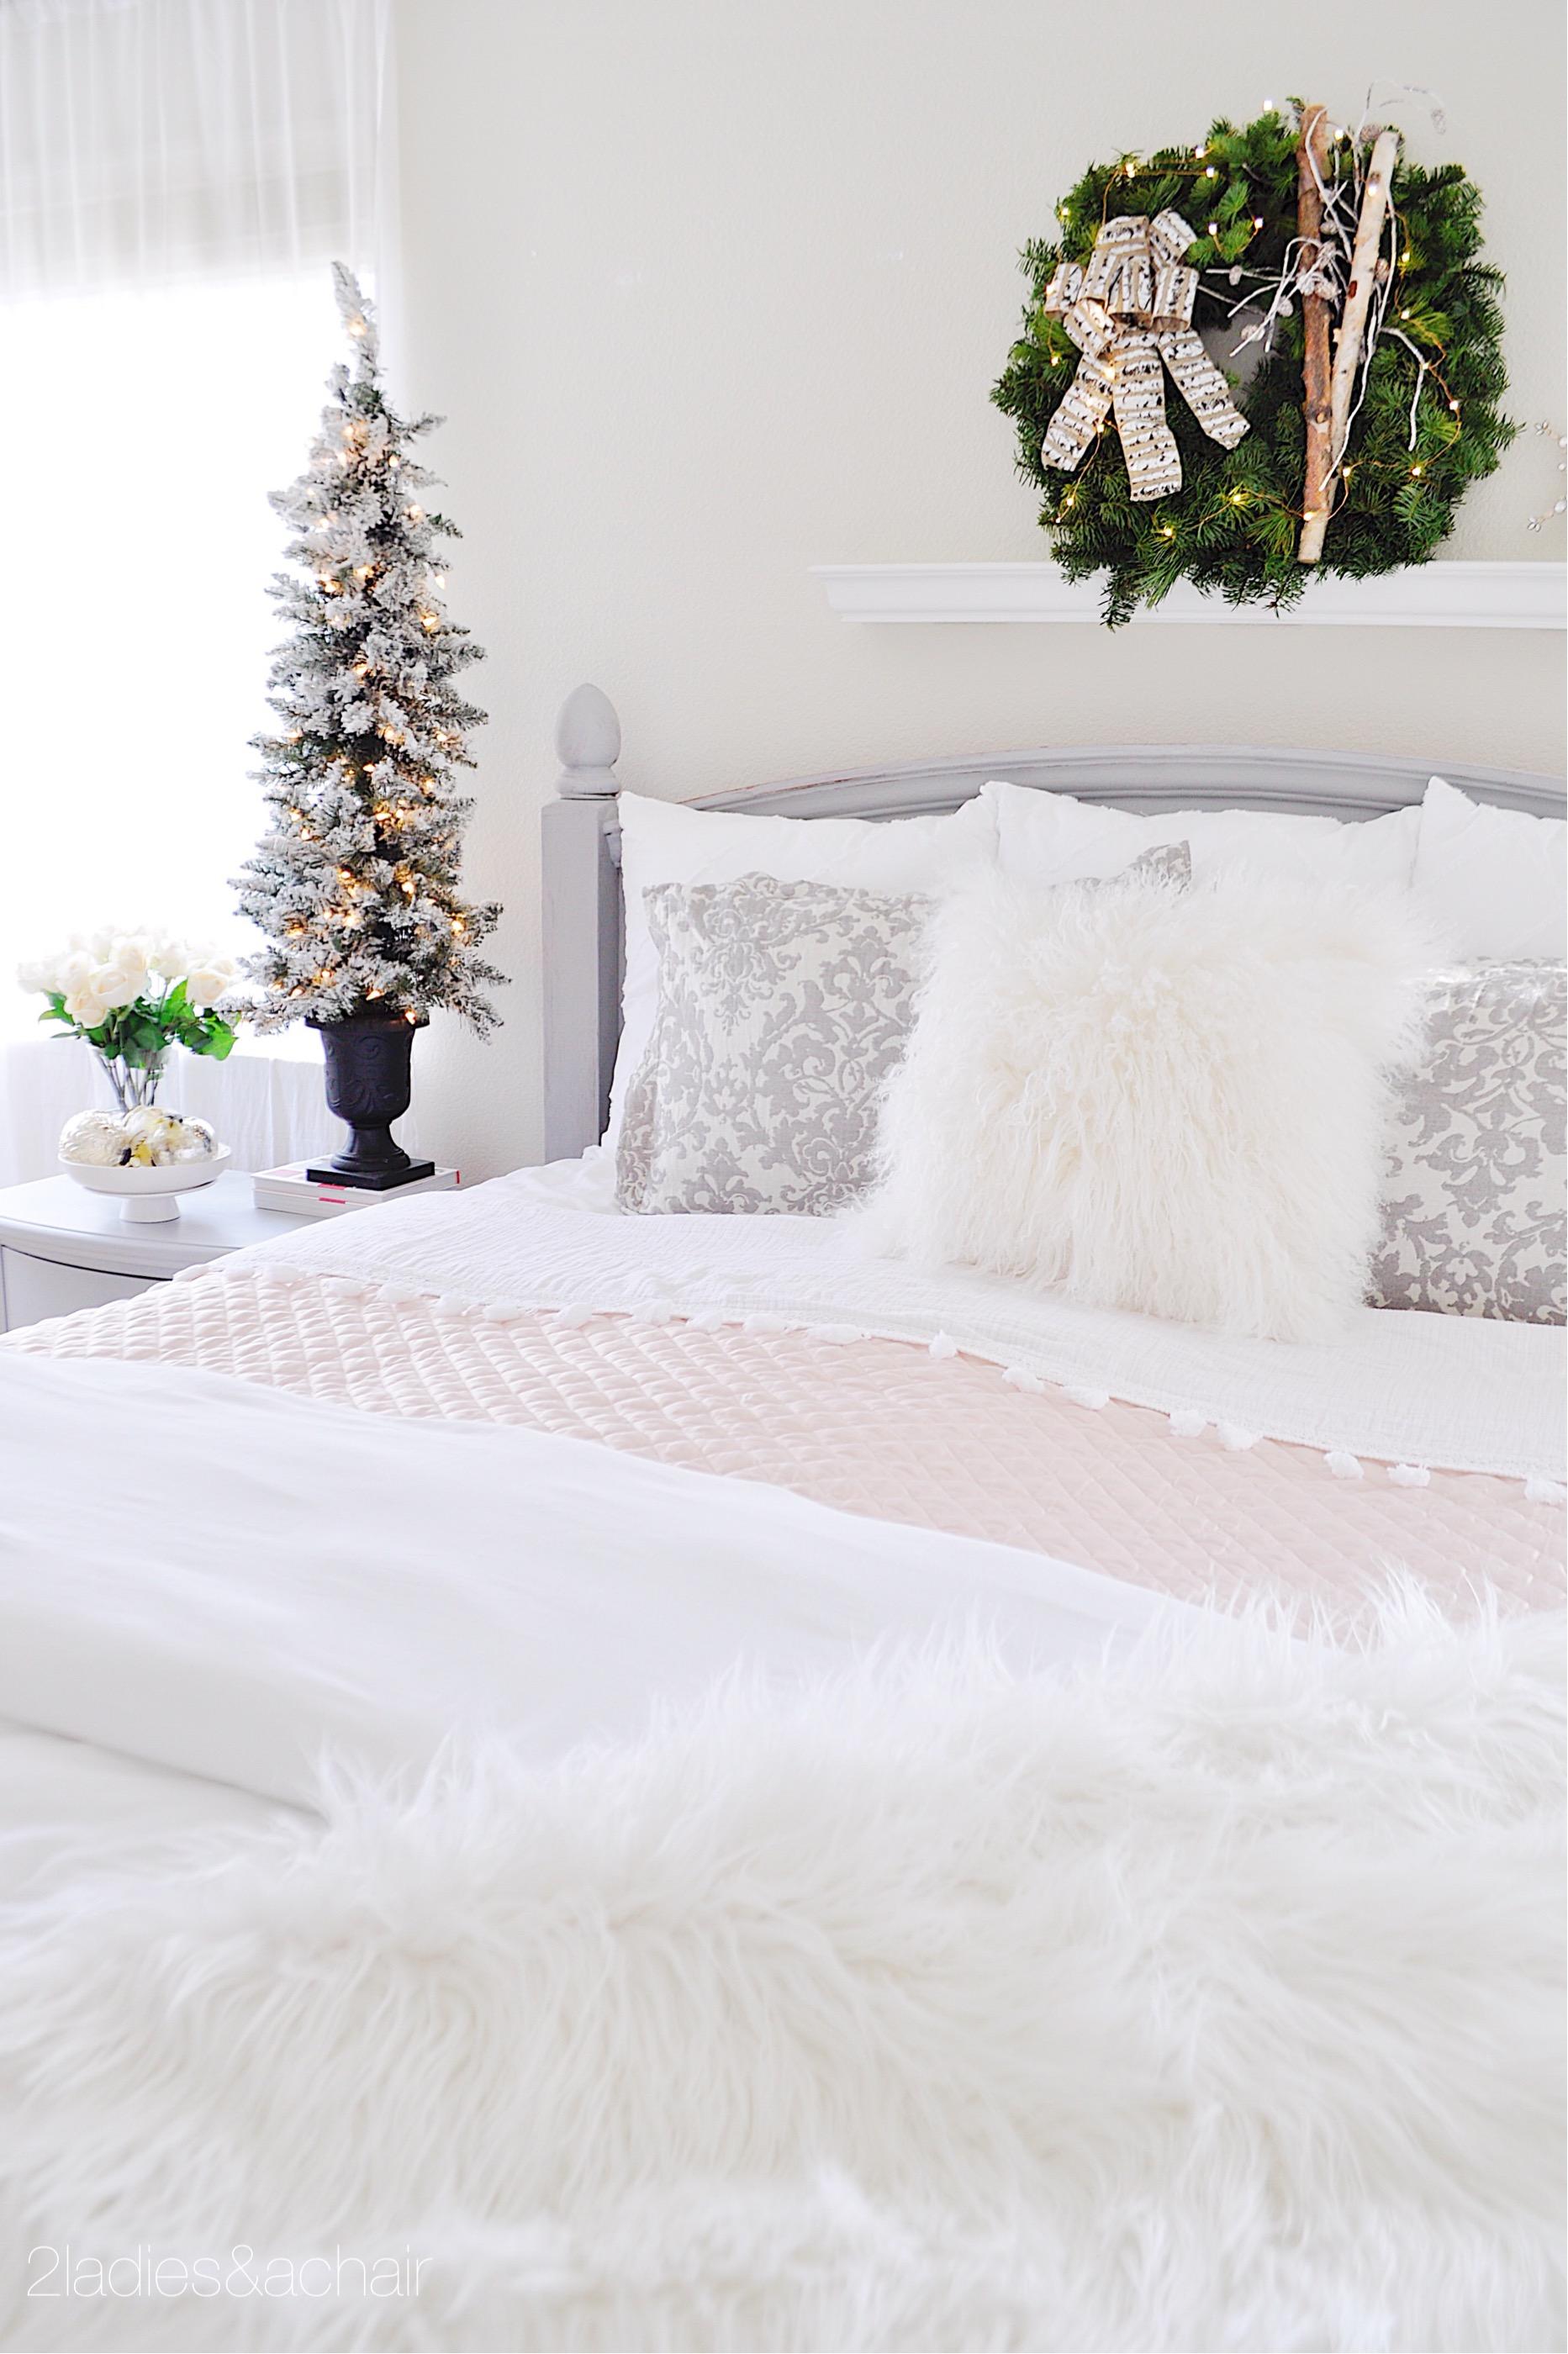 christmas bedroom decor IMG_9886.JPG